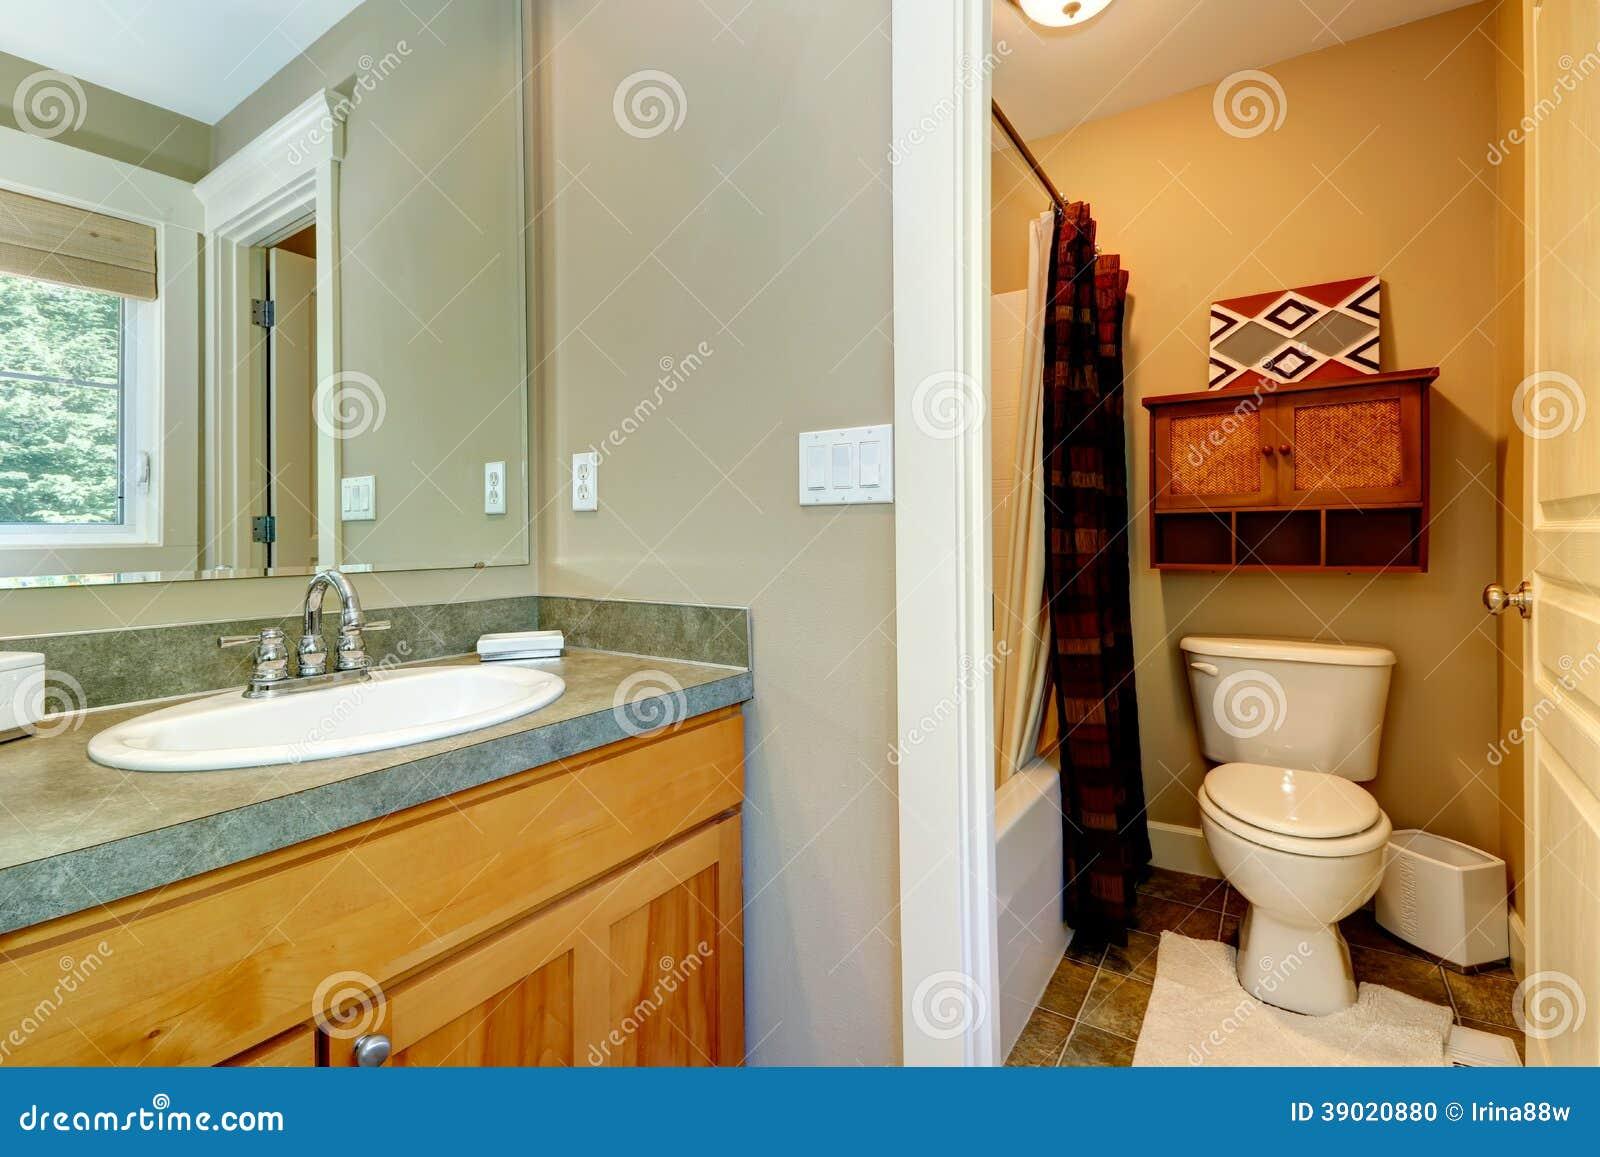 Pequeño Cuarto De Baño En El Dormitorio Principal Foto de archivo - Imagen de americano, diseño ...